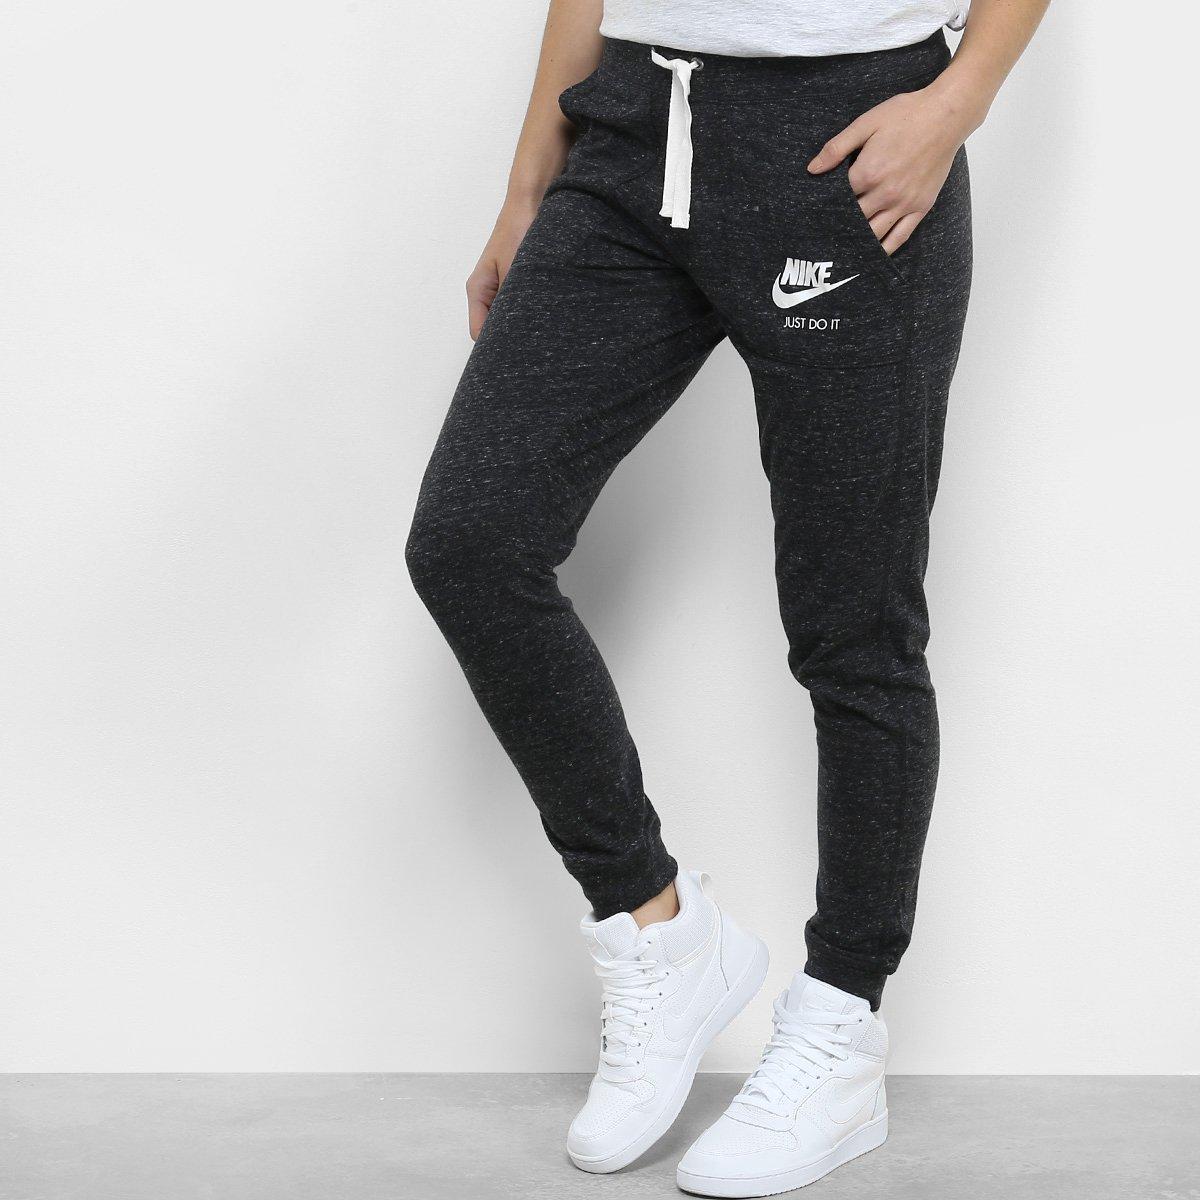 96884e2e2 Calça jogger nike feminina compre agora netshoes jpg 544x544 Jogger  feminina preta